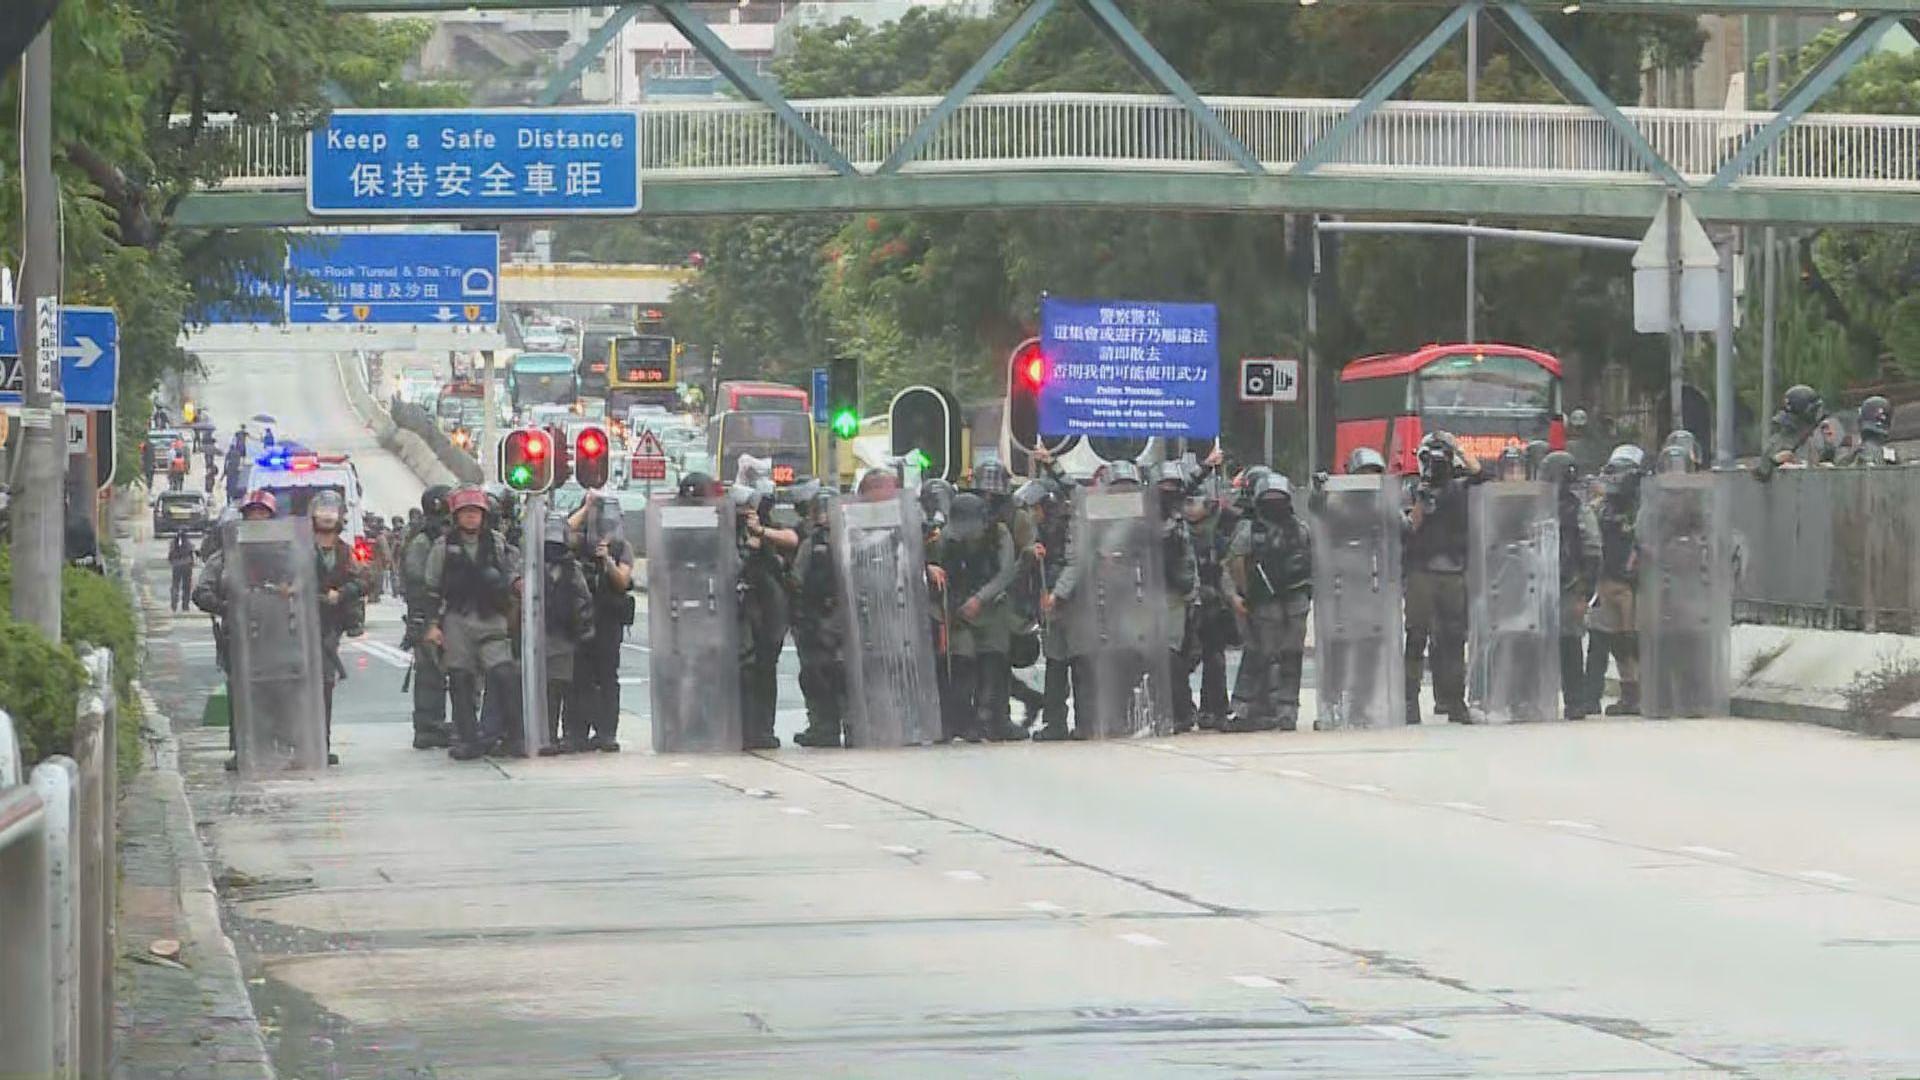 有市民遊行至九龍塘窩打老道 防暴舉藍旗